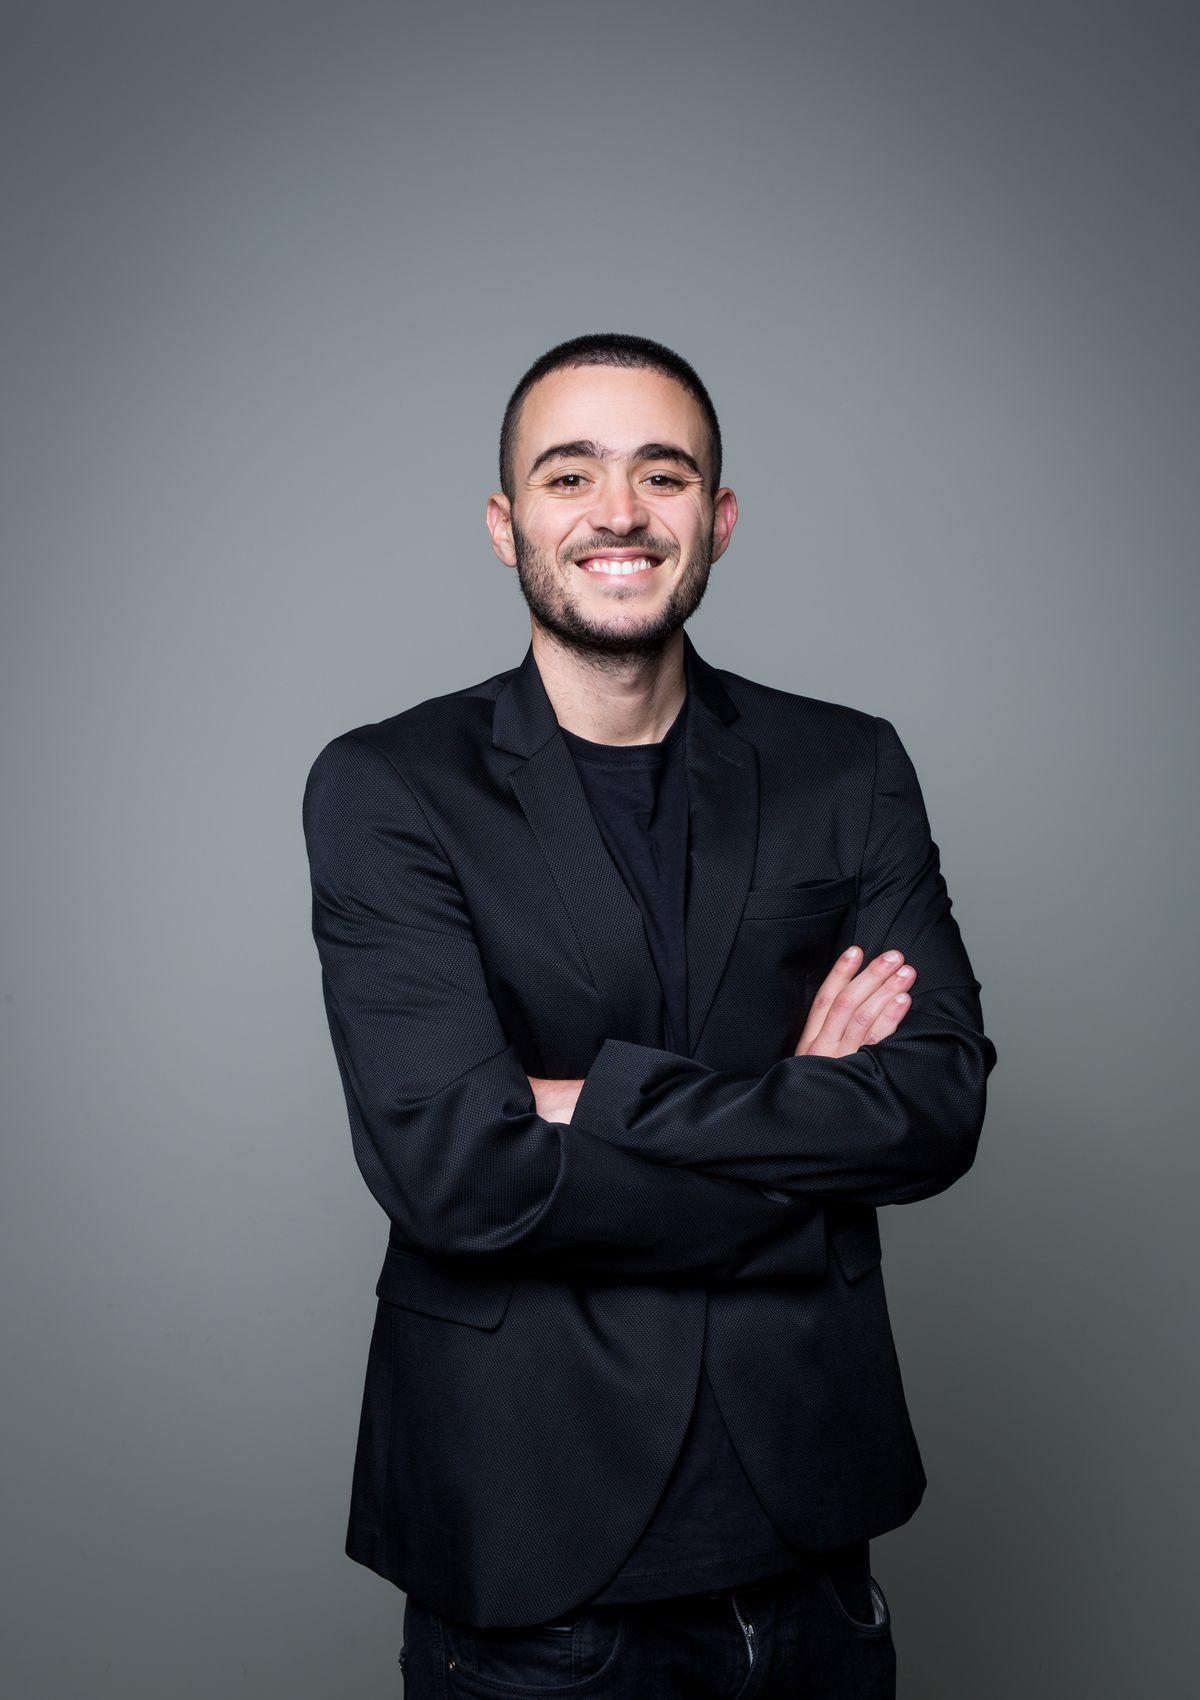 יונתן בן שמעון, צילום: ניר סלקמן